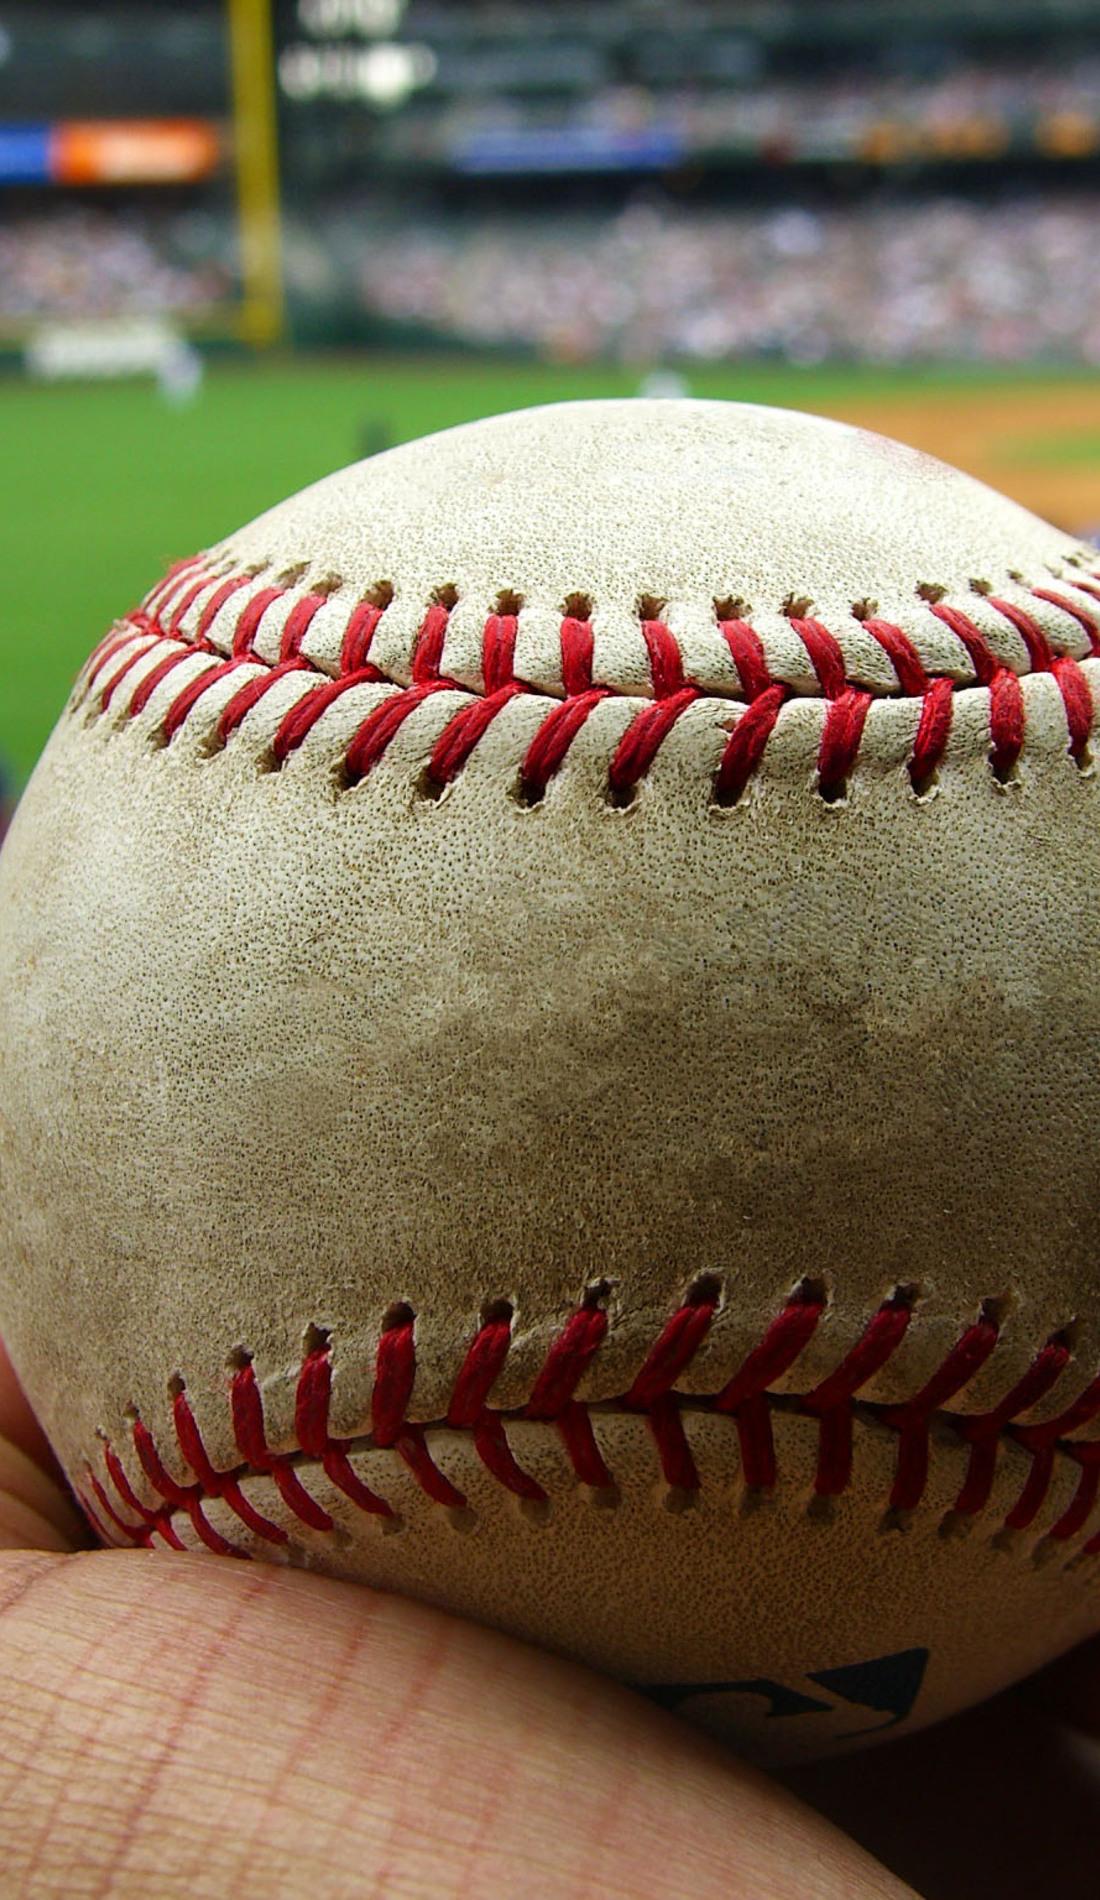 A South Carolina Gamecocks Baseball live event